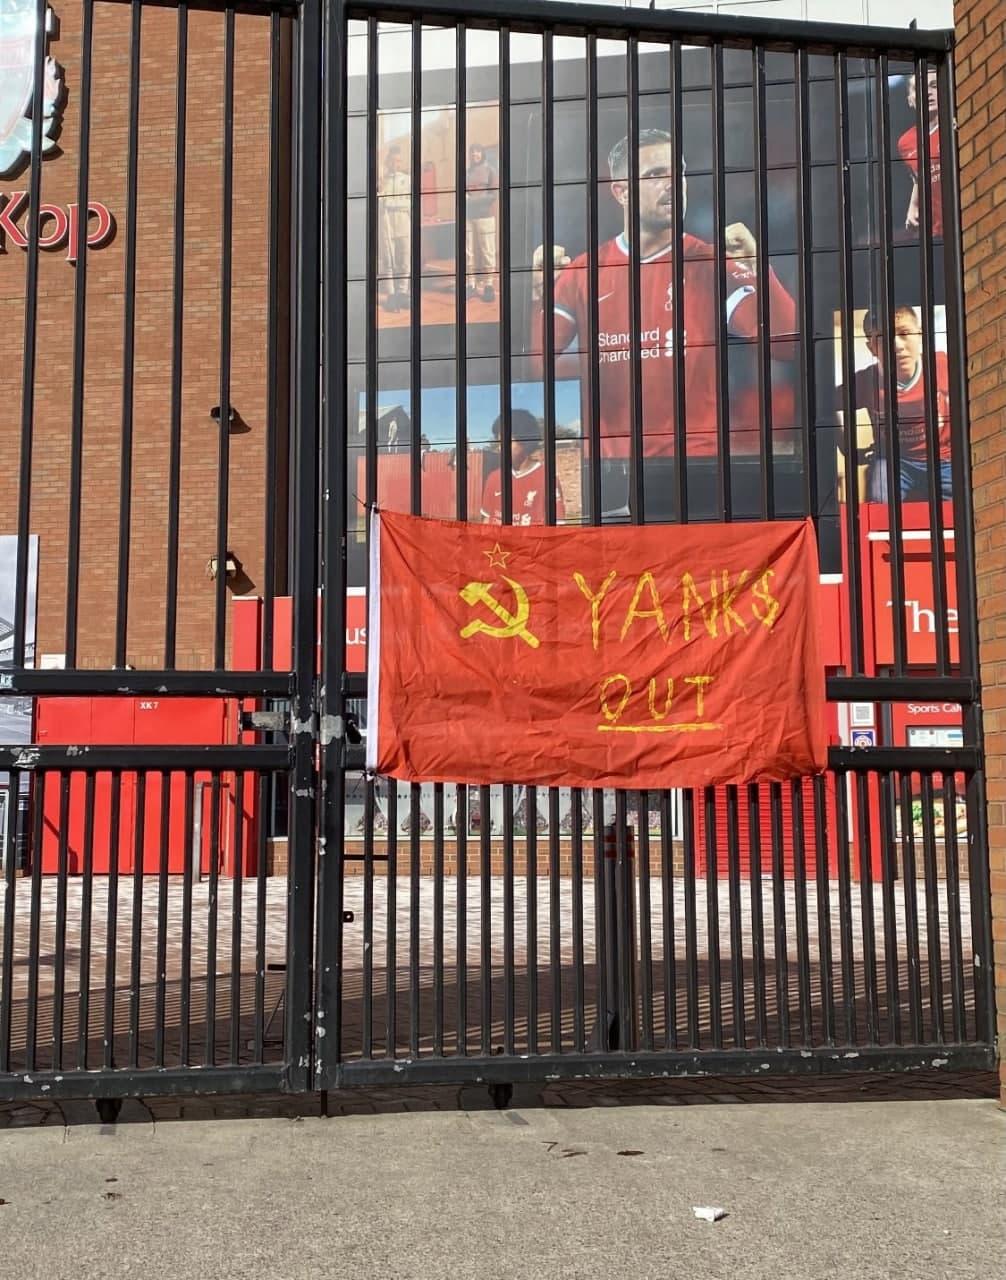 Болельщики вывесили советский флаг с надписью «Yanks out» на «Энфилде»